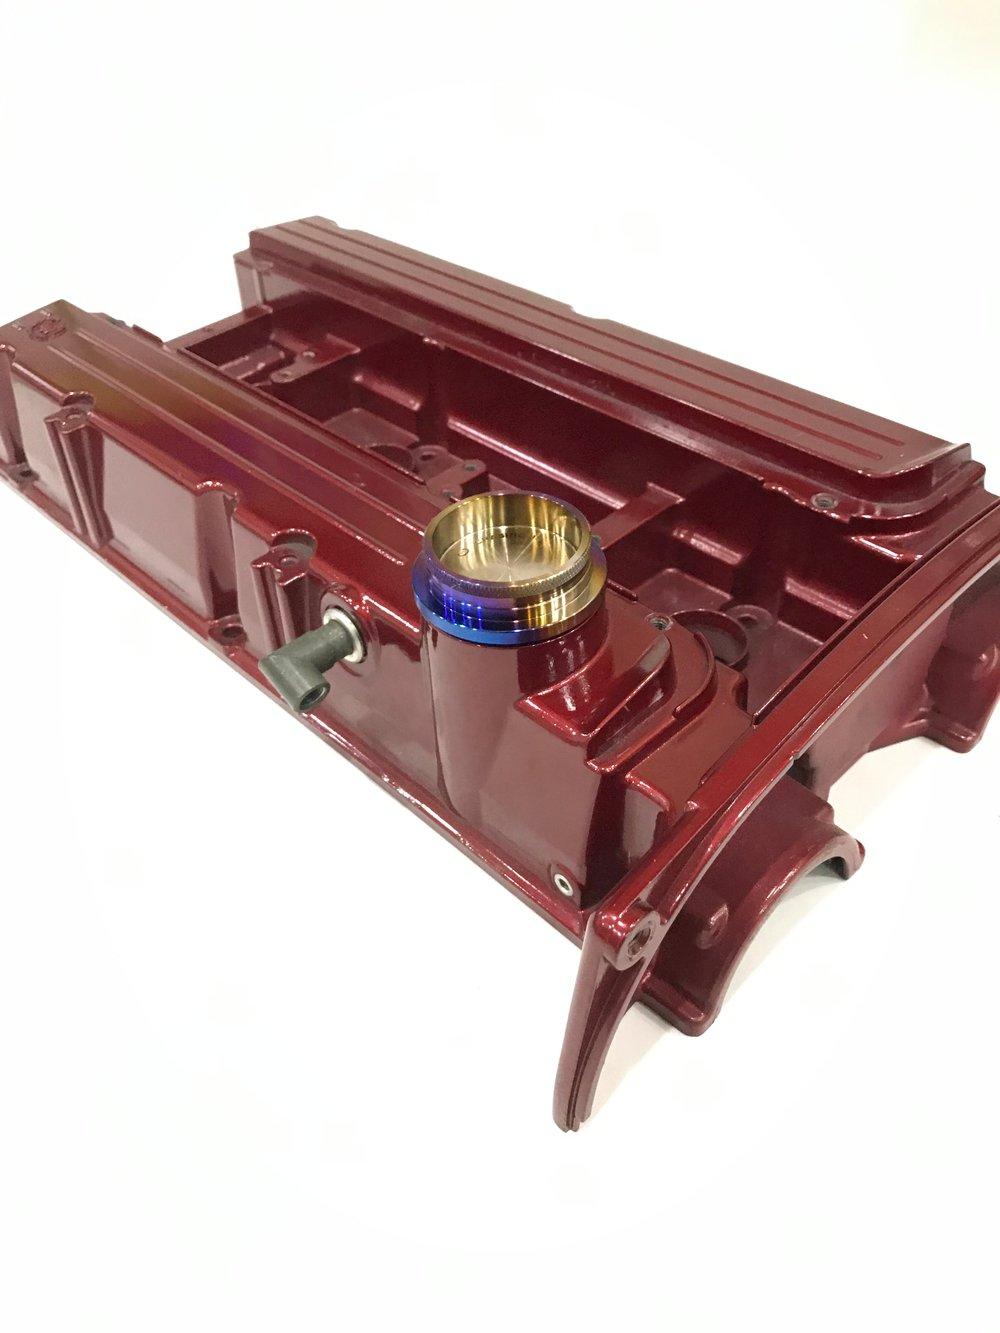 Mitsubishi Evo 4-9  4G63  Titanium Oil cap